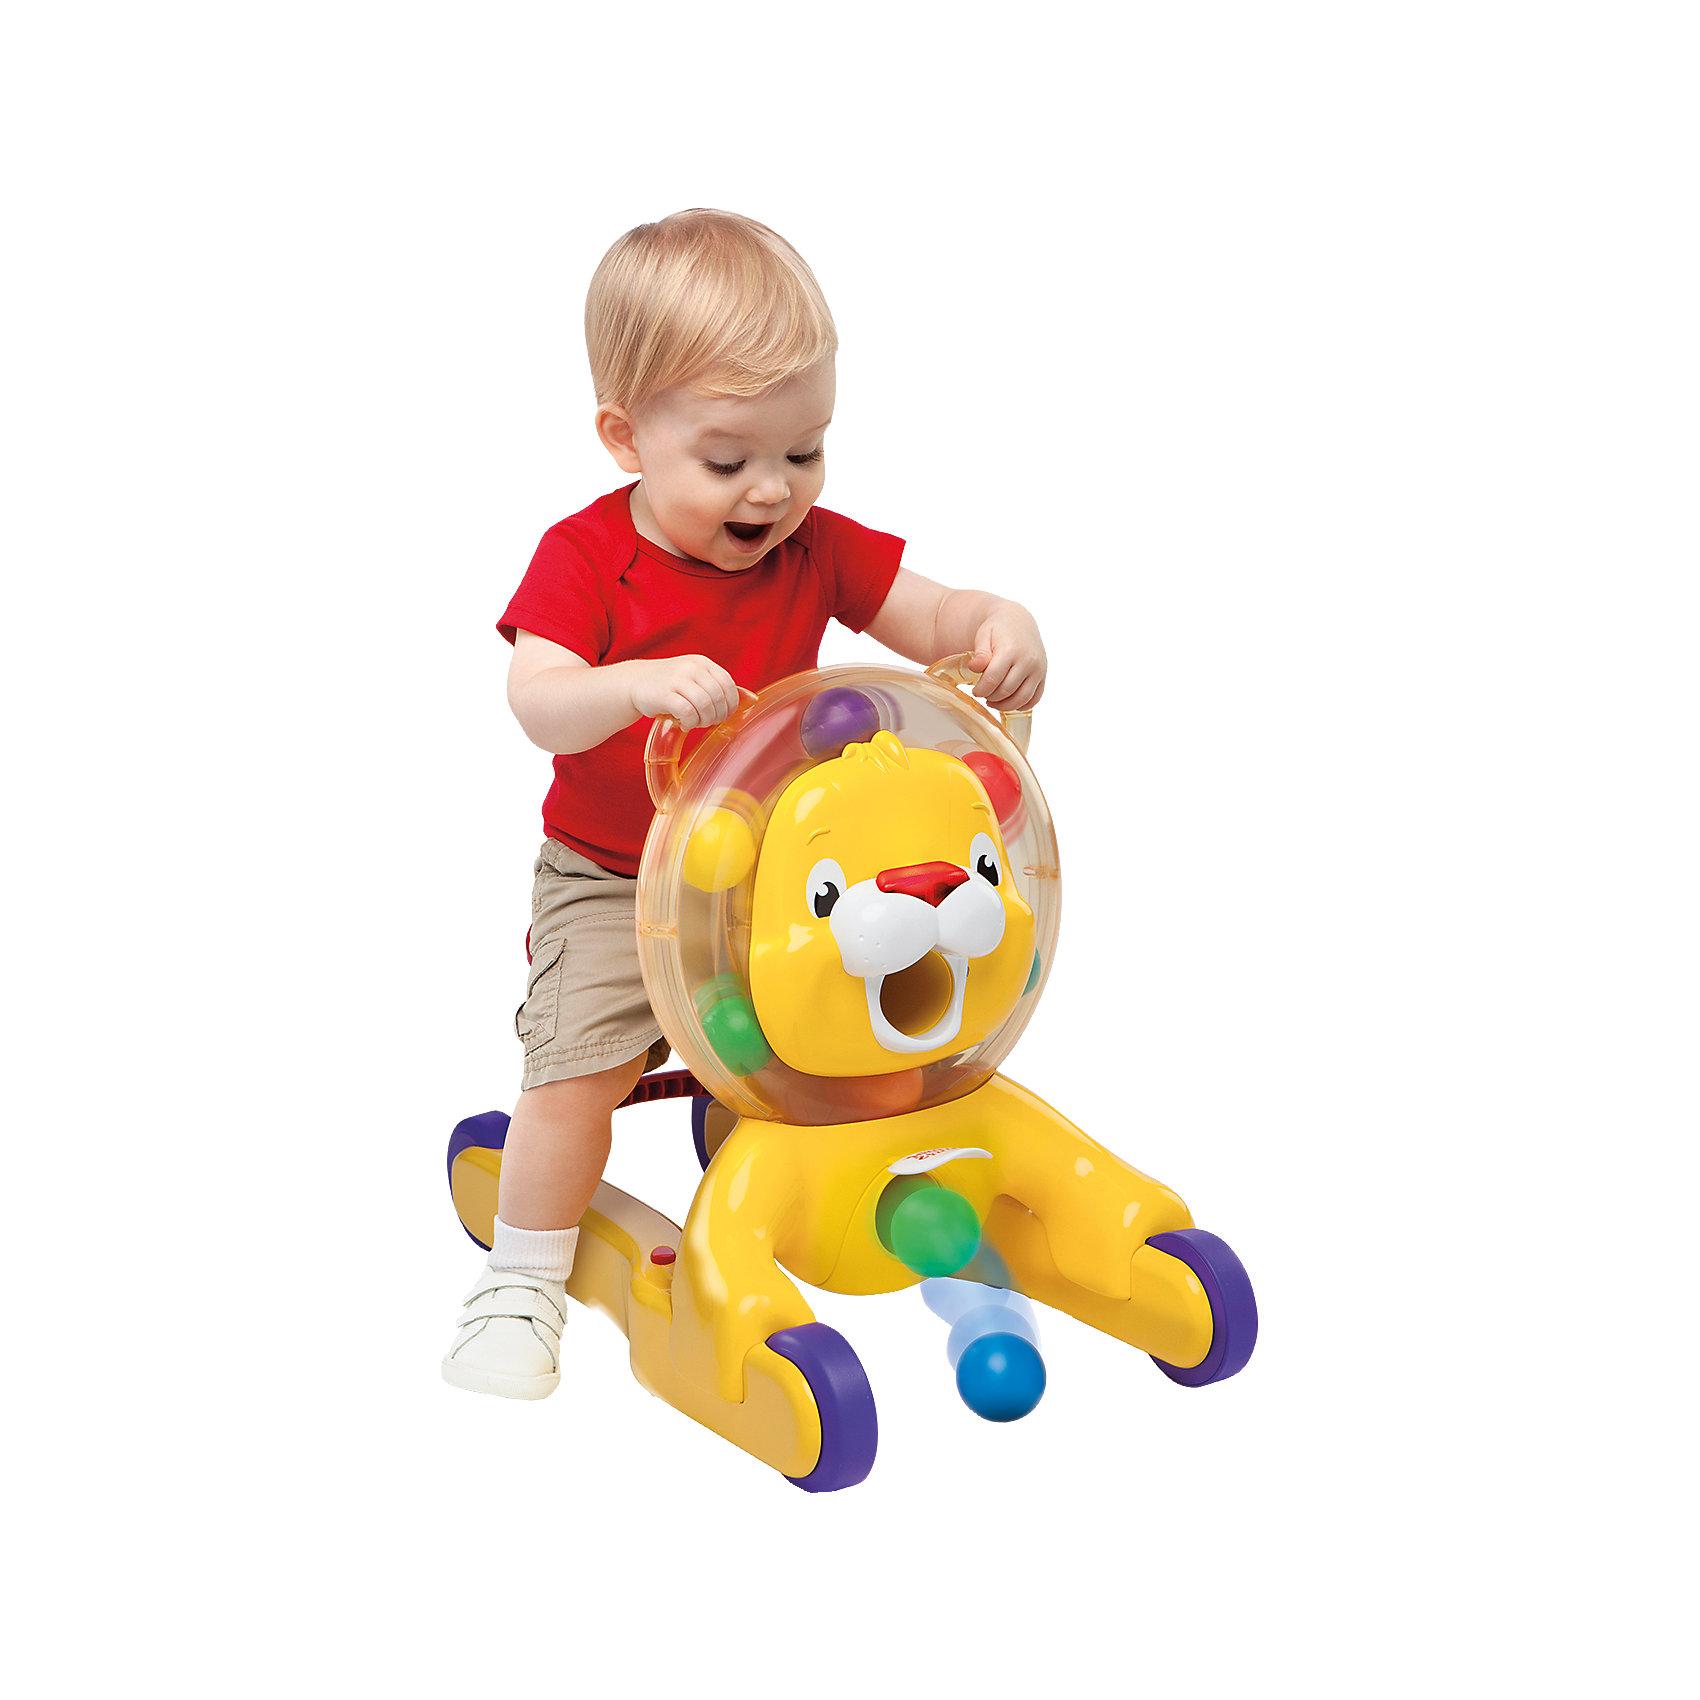 каталки ходунки Kids II Ходунки-каталка Веселый лев, Bright Starts